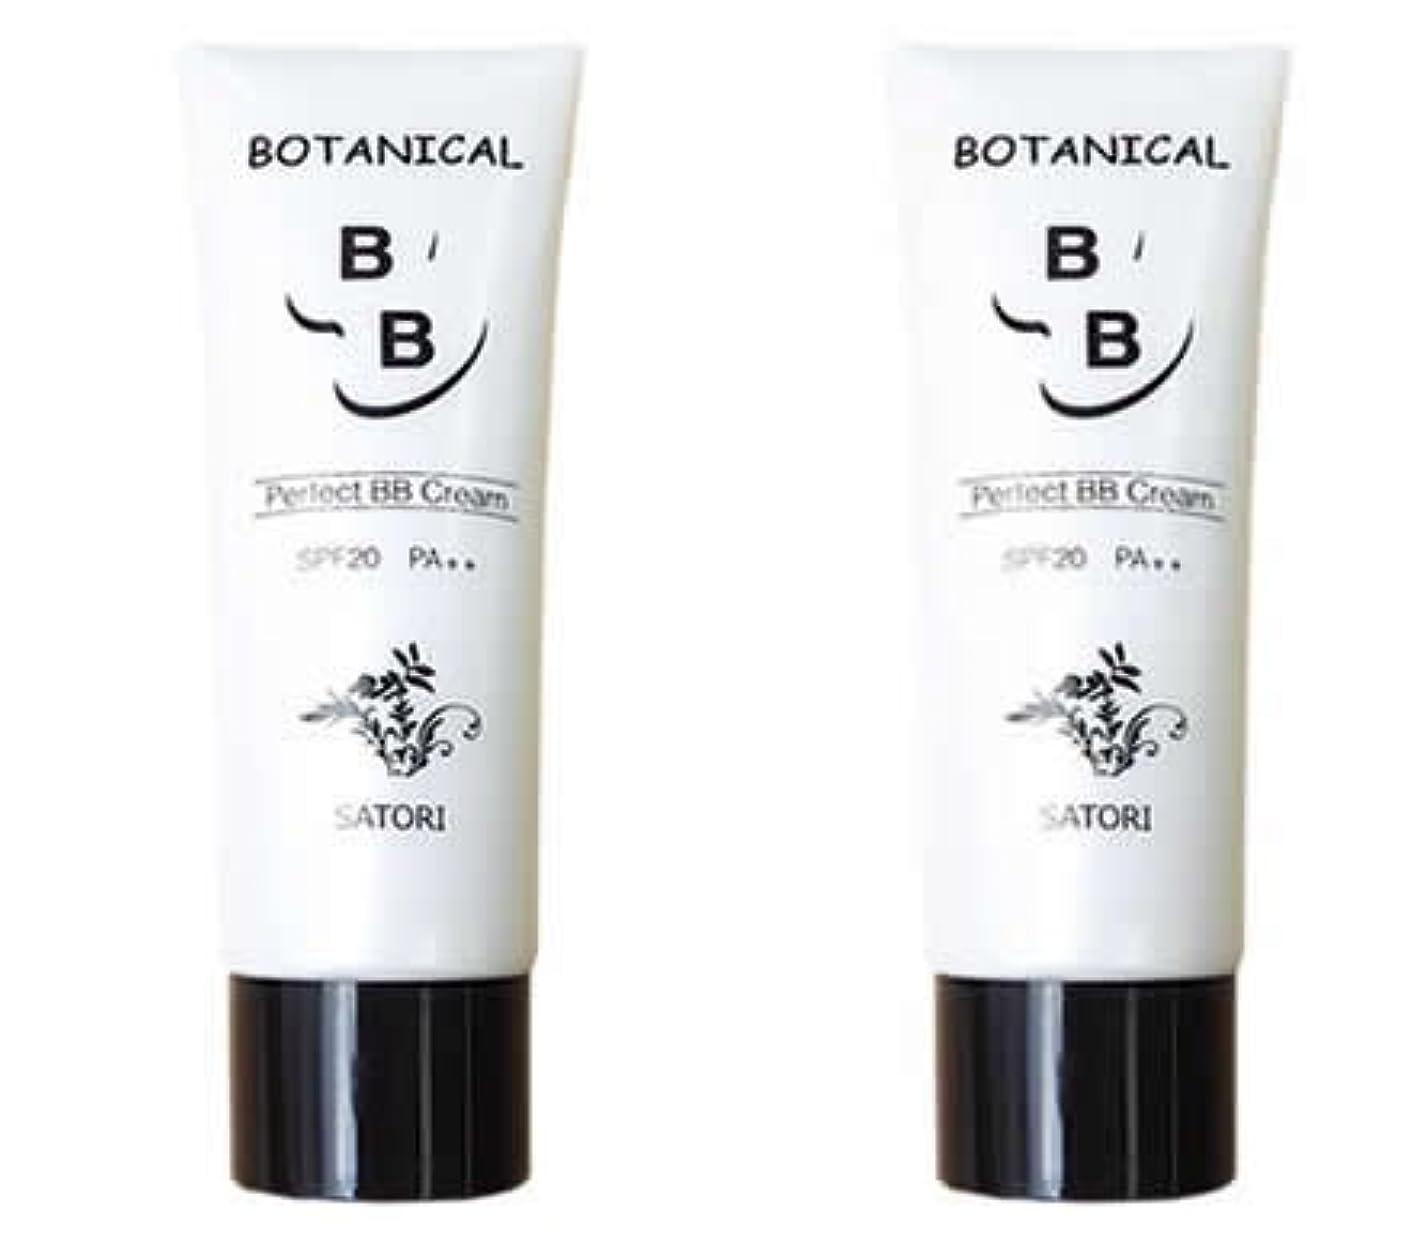 指令簡単に歩くSATORI BOTANICAL BB クリーム 50g×2本セット